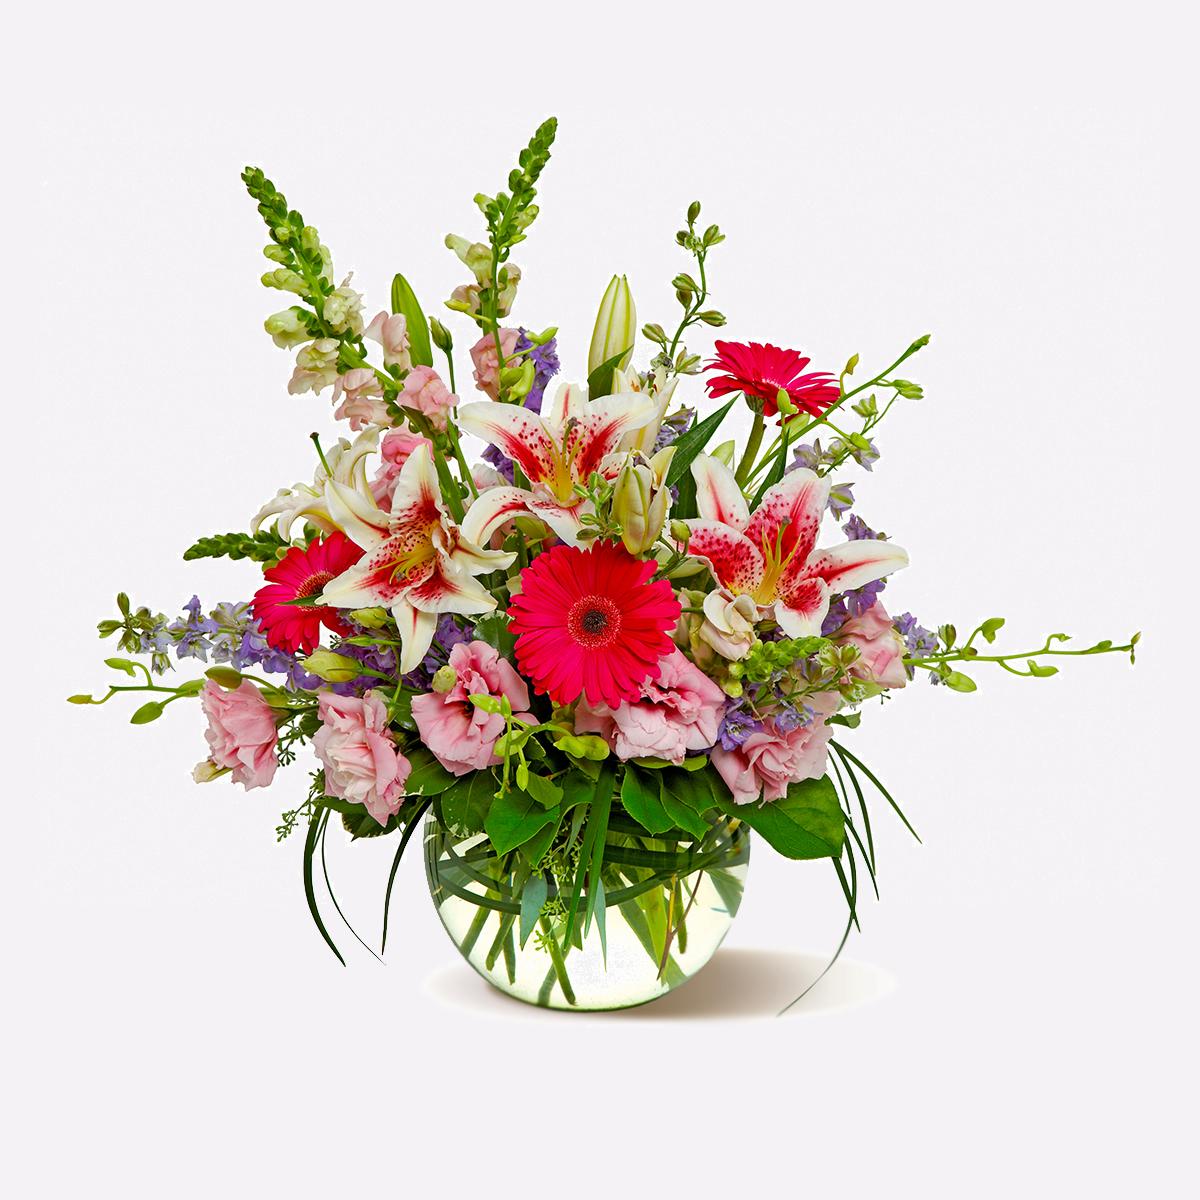 Garden Party Floral Arrangement